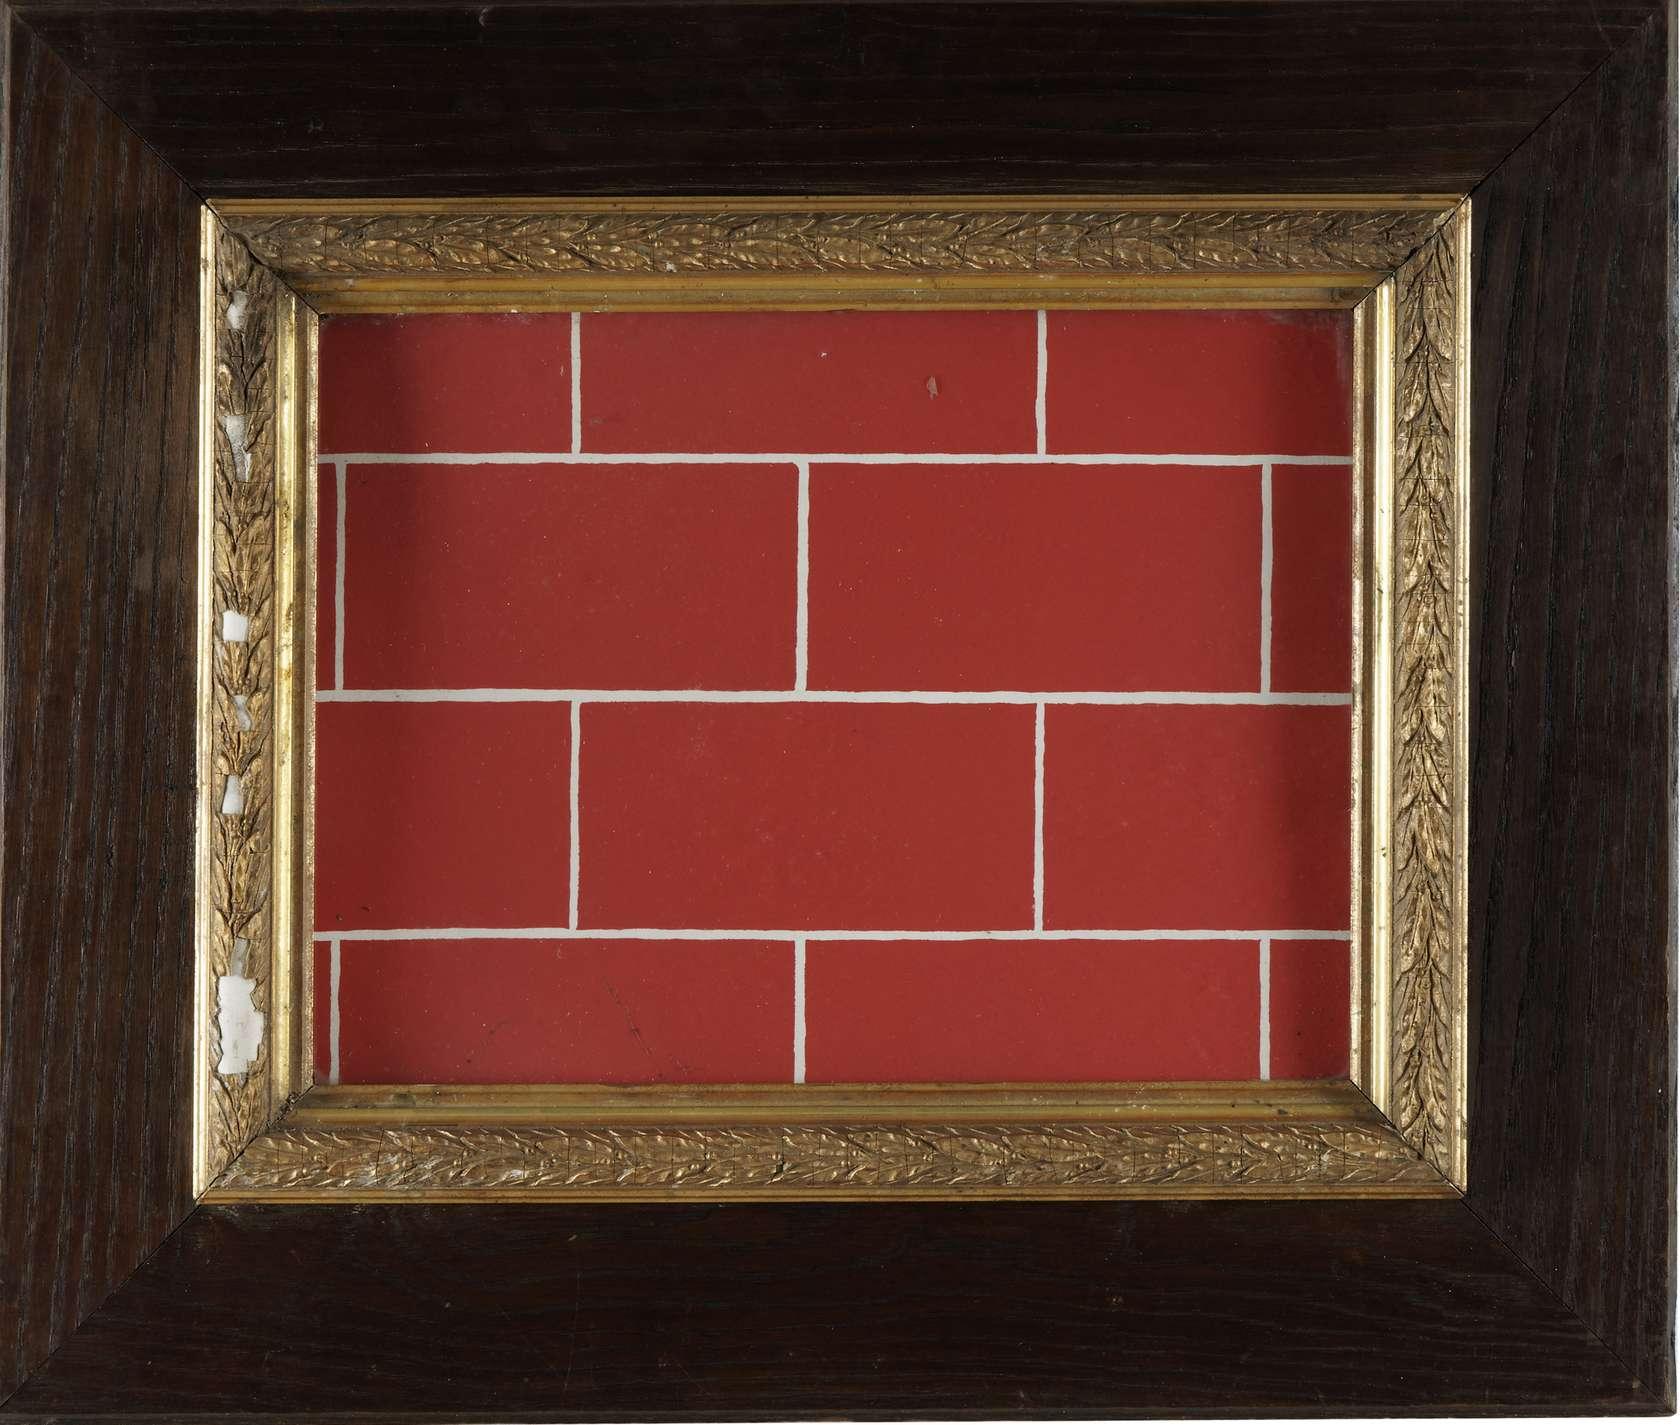 Présence Panchounette, Sérigraphie fausse brique, 1978 Sérigraphie encadrée35.5 x 40 cm / 14  x 15 3/4 inches